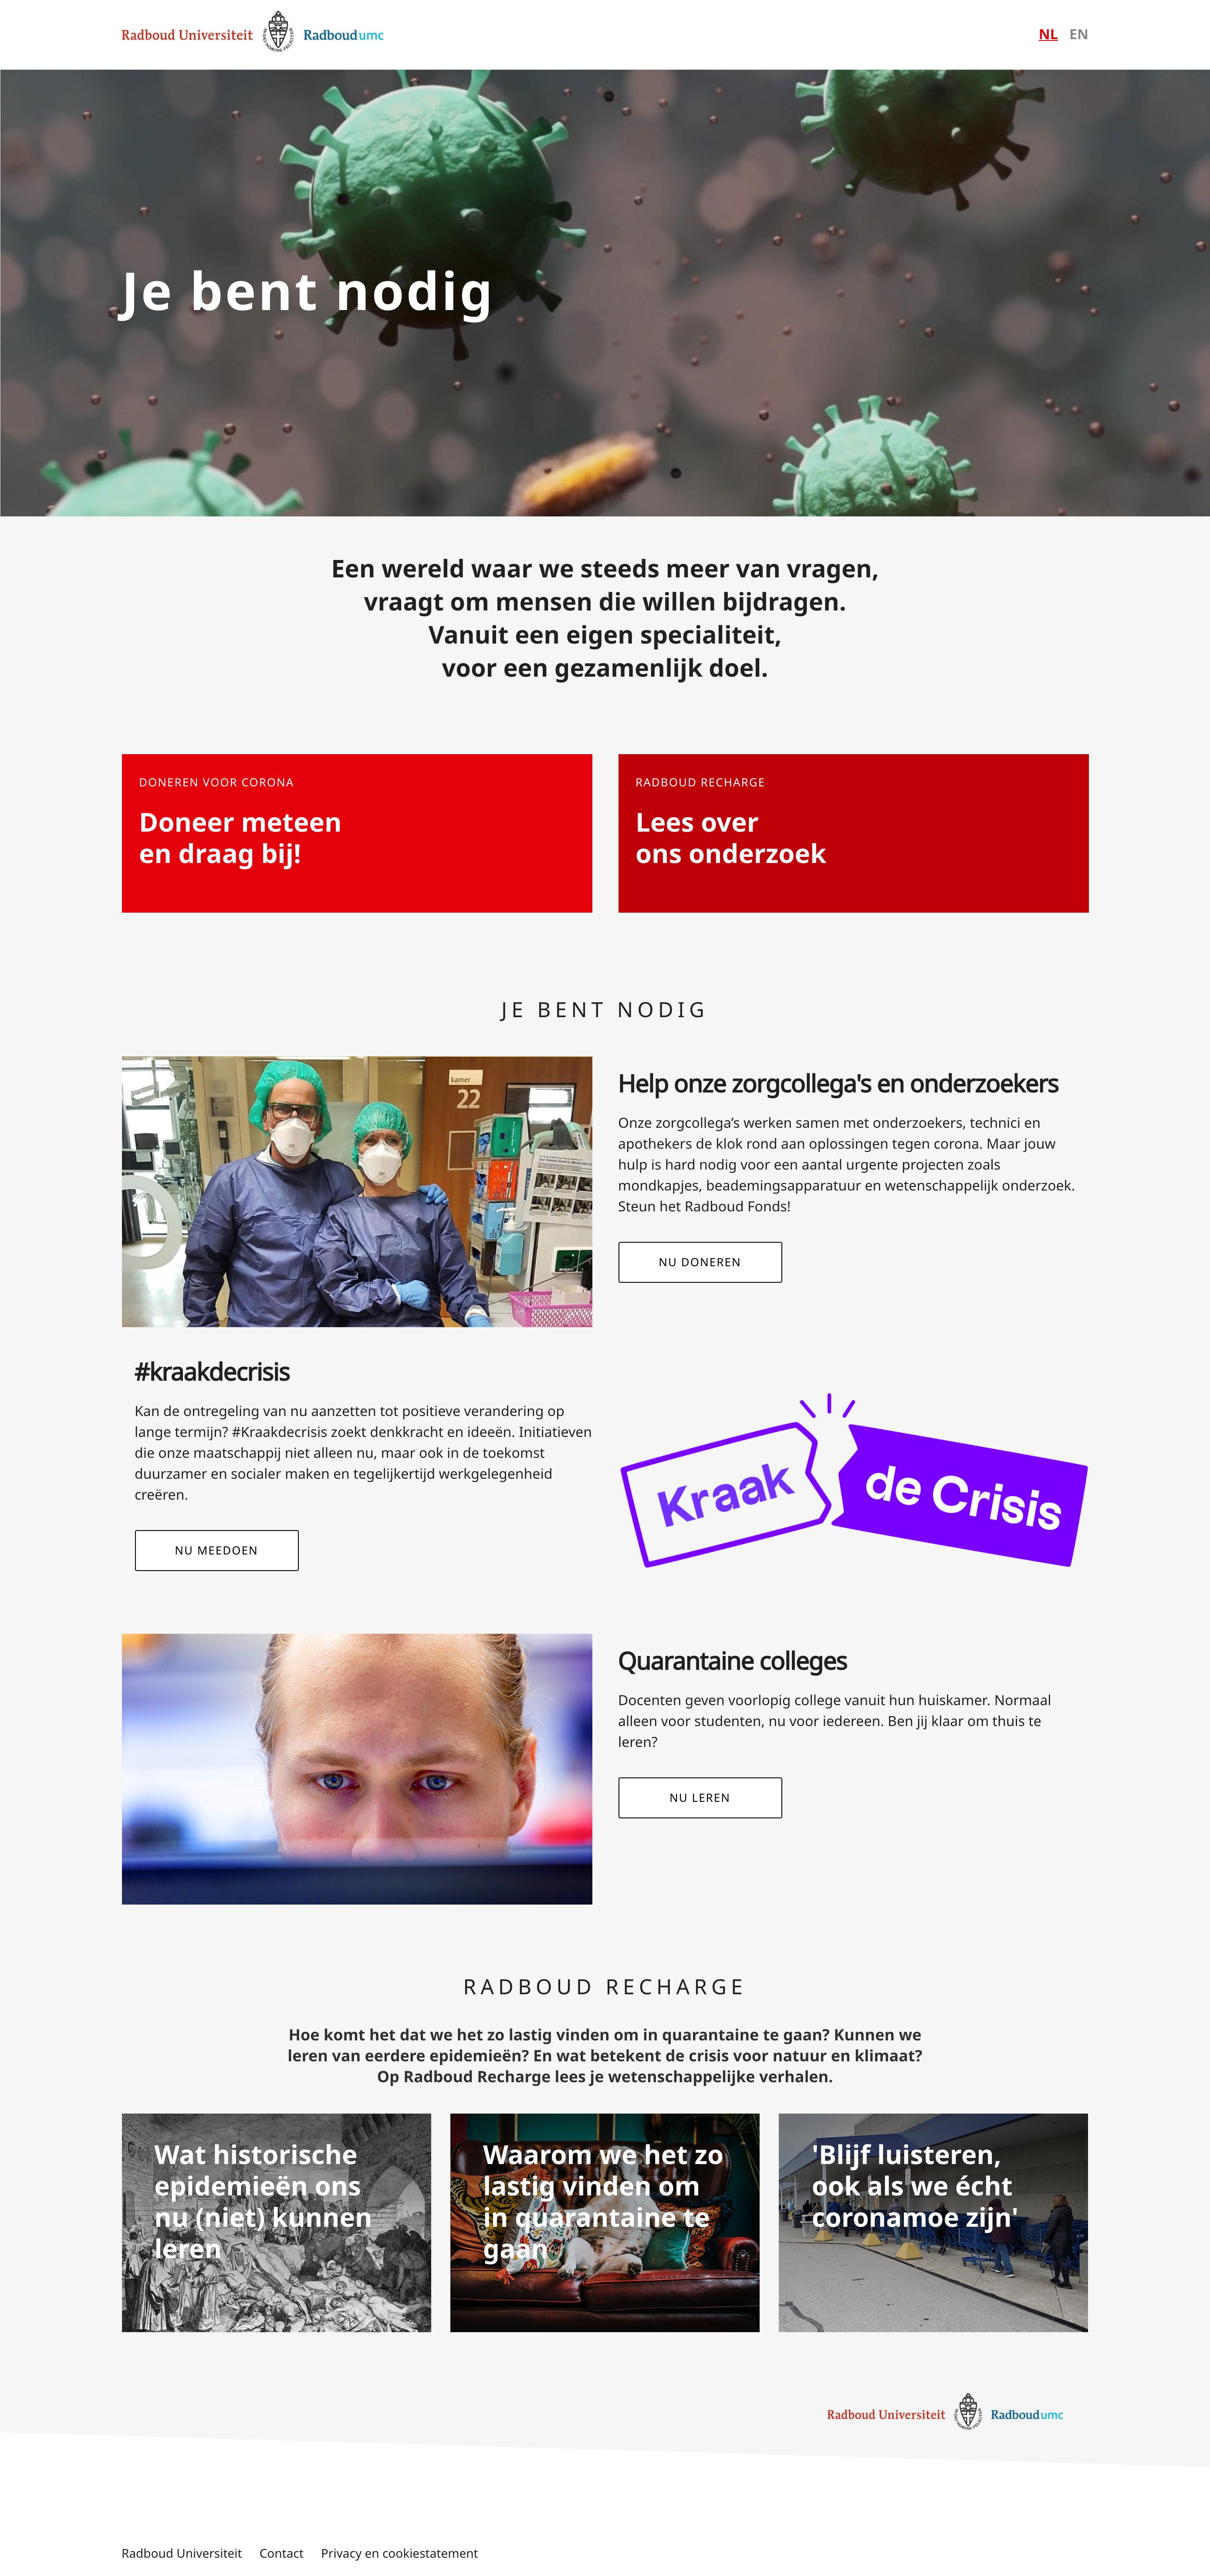 screencapture-jebentnodig-nl-2020-04-08-21_46_45